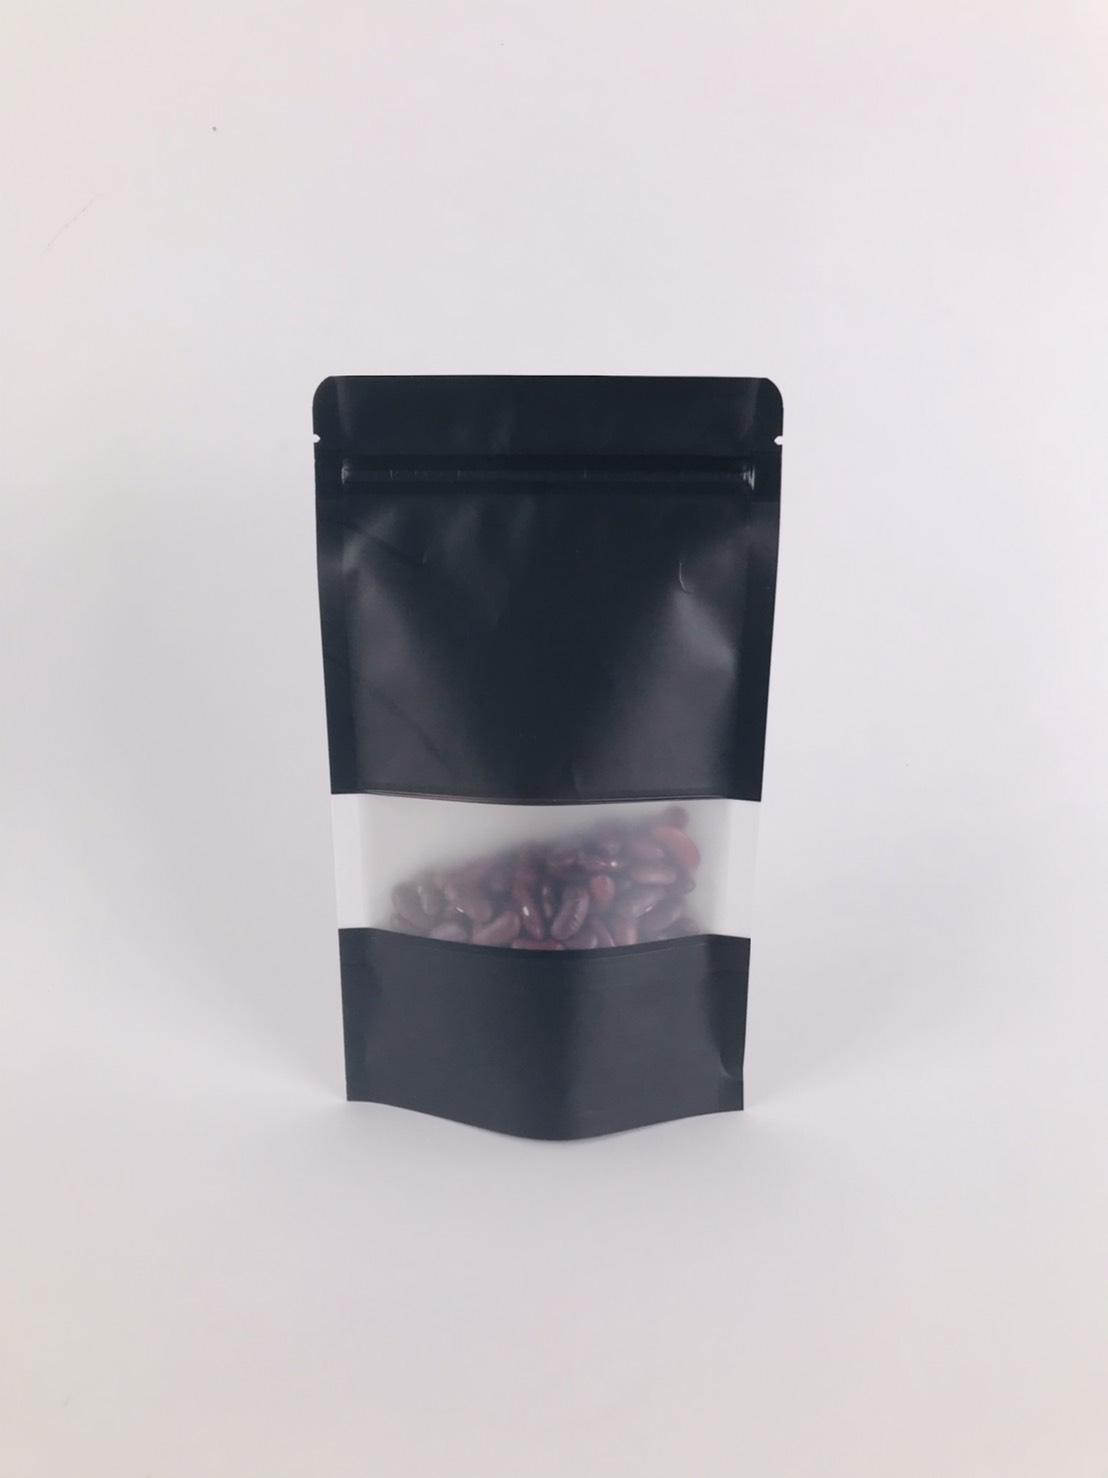 ถุงซิปล็อค ถุงกระดาษคราฟท์ ถุงคราฟท์ มีหน้าต่าง ตั้งได้ สีดำ 10×15 ซม. [50 ใบ]